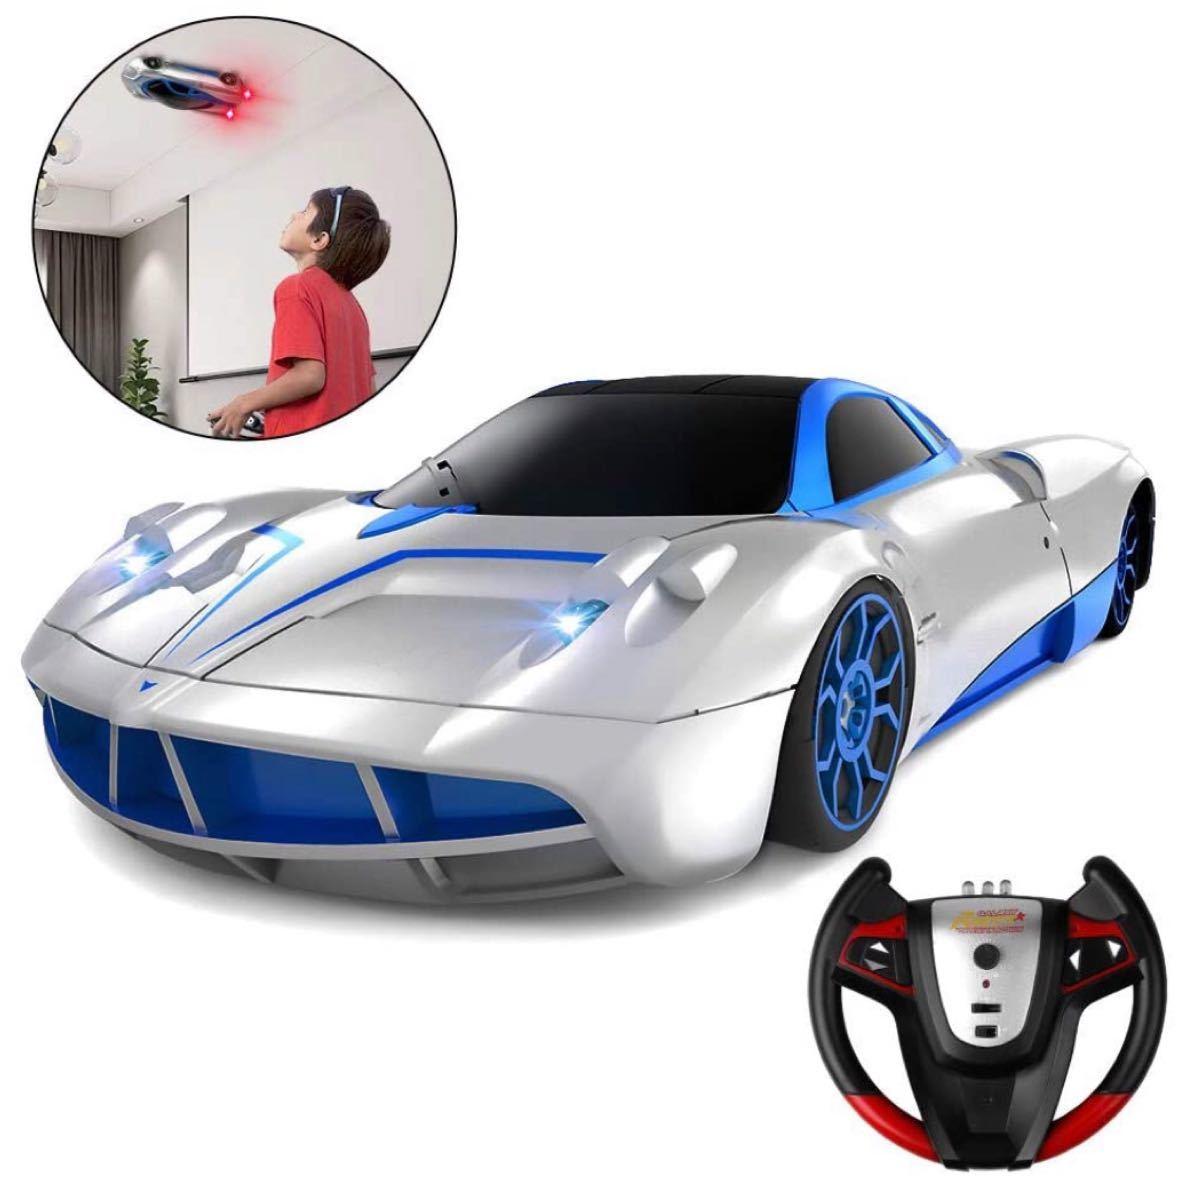 ラジコンカー 車のおもちゃ 壁を走る車 無線操作 こども向け 電動 RCカー